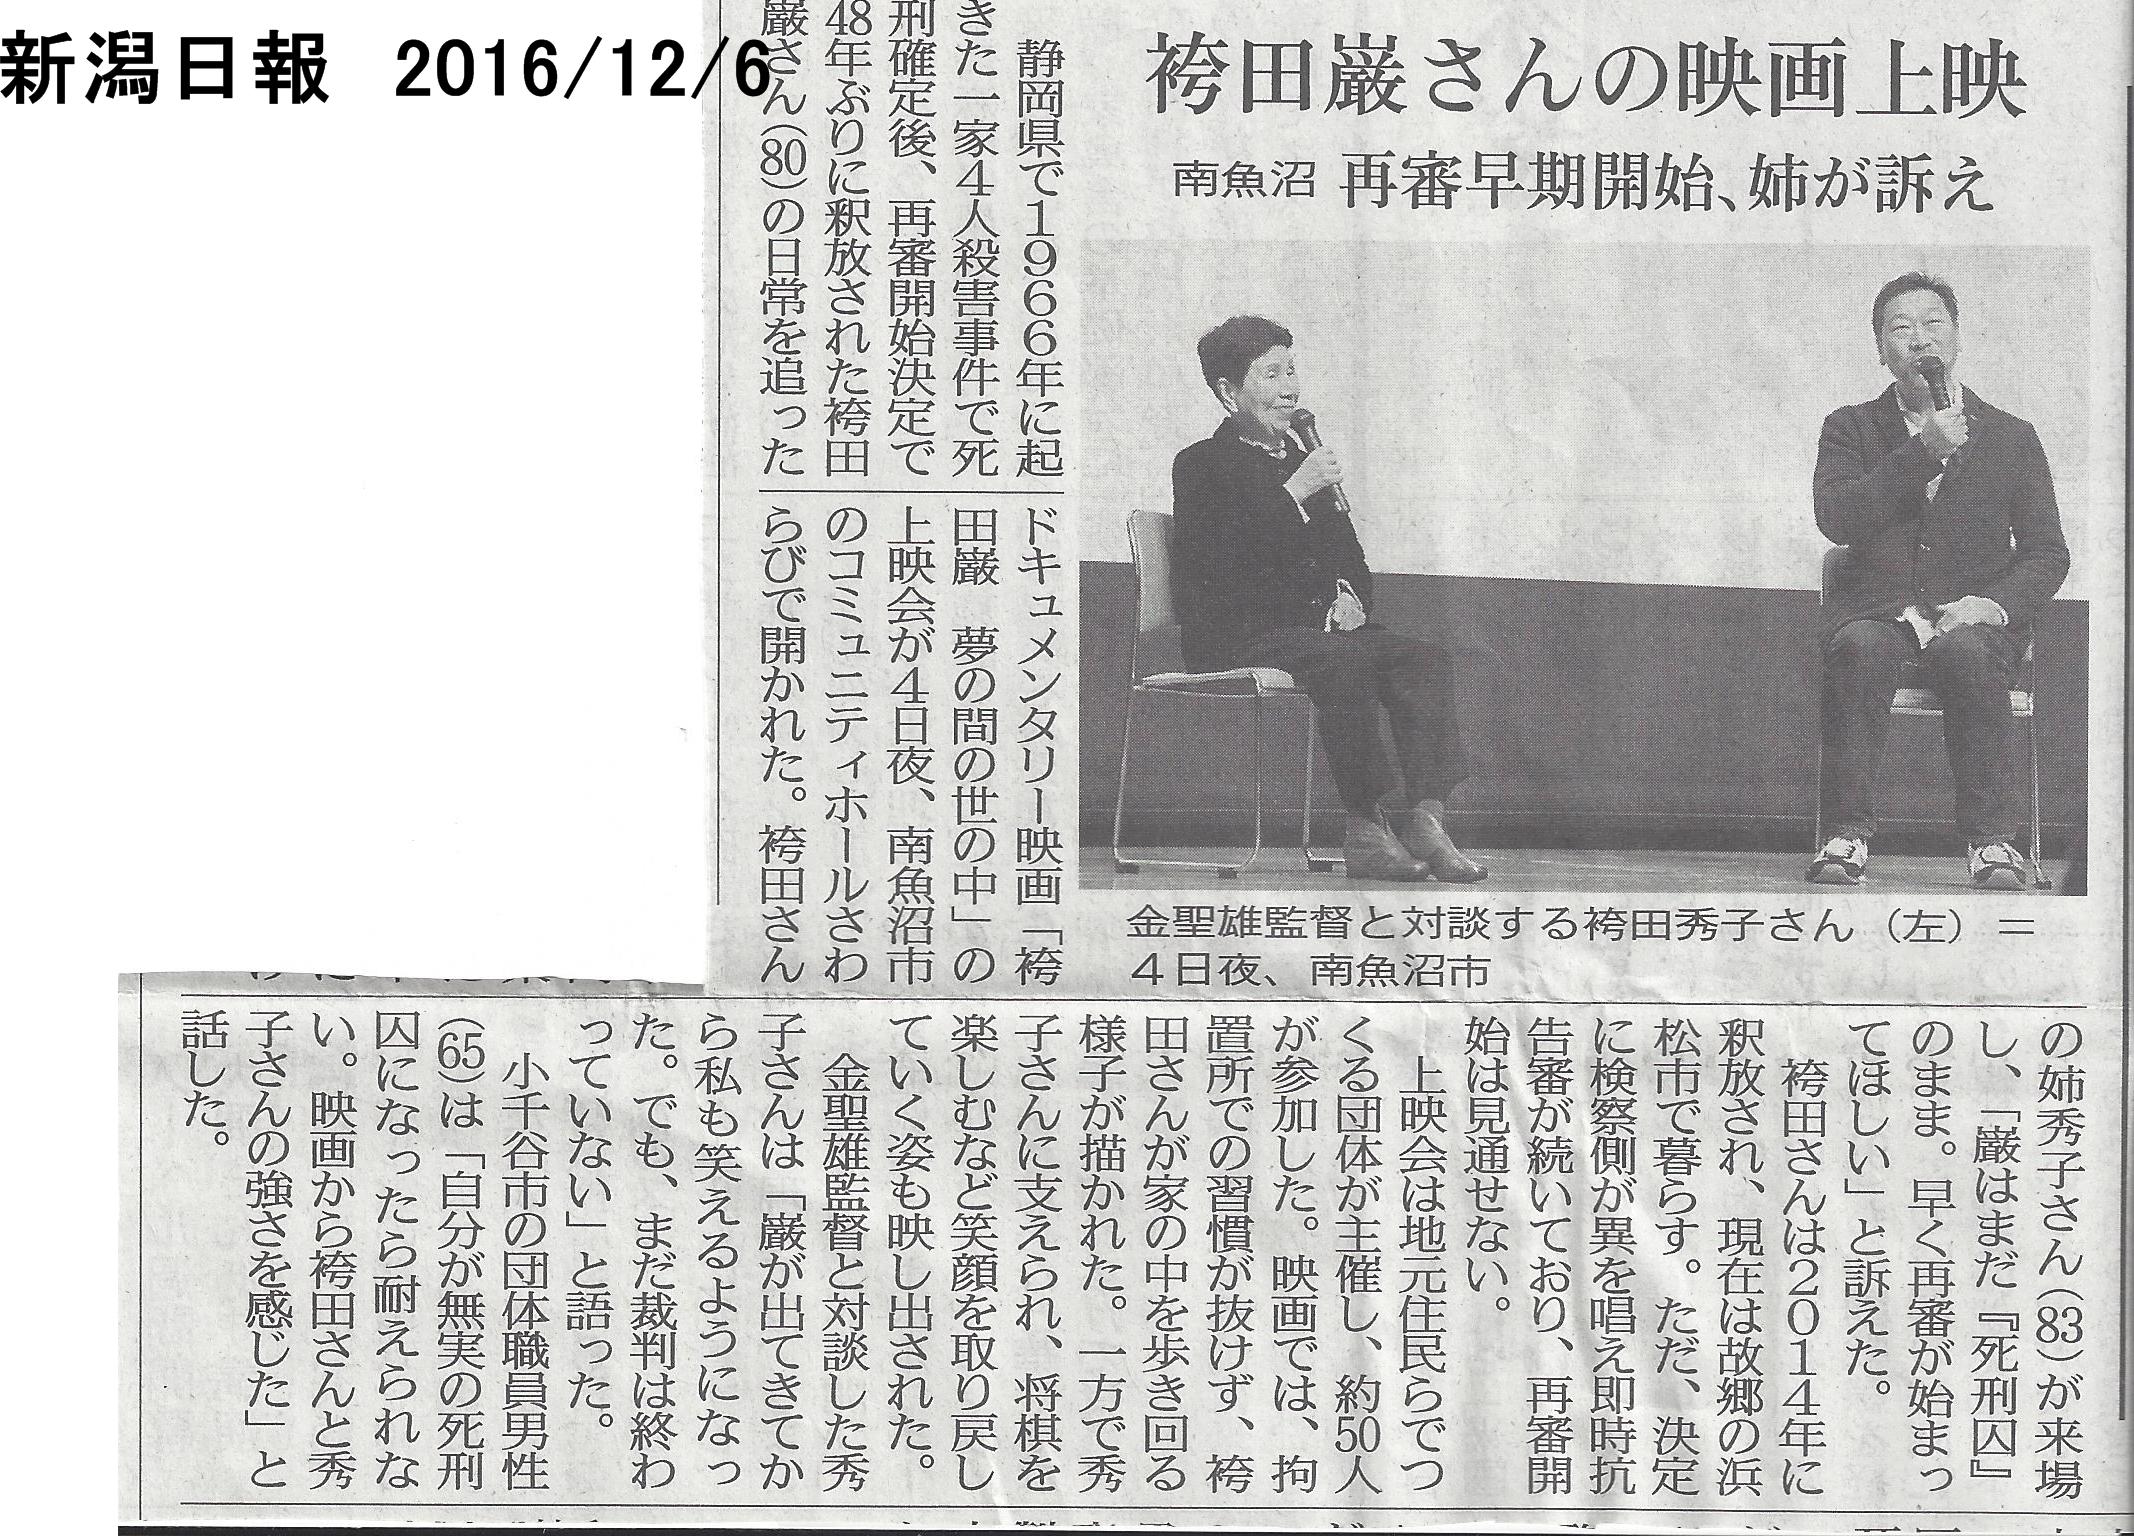 2016.12.6 新潟日報